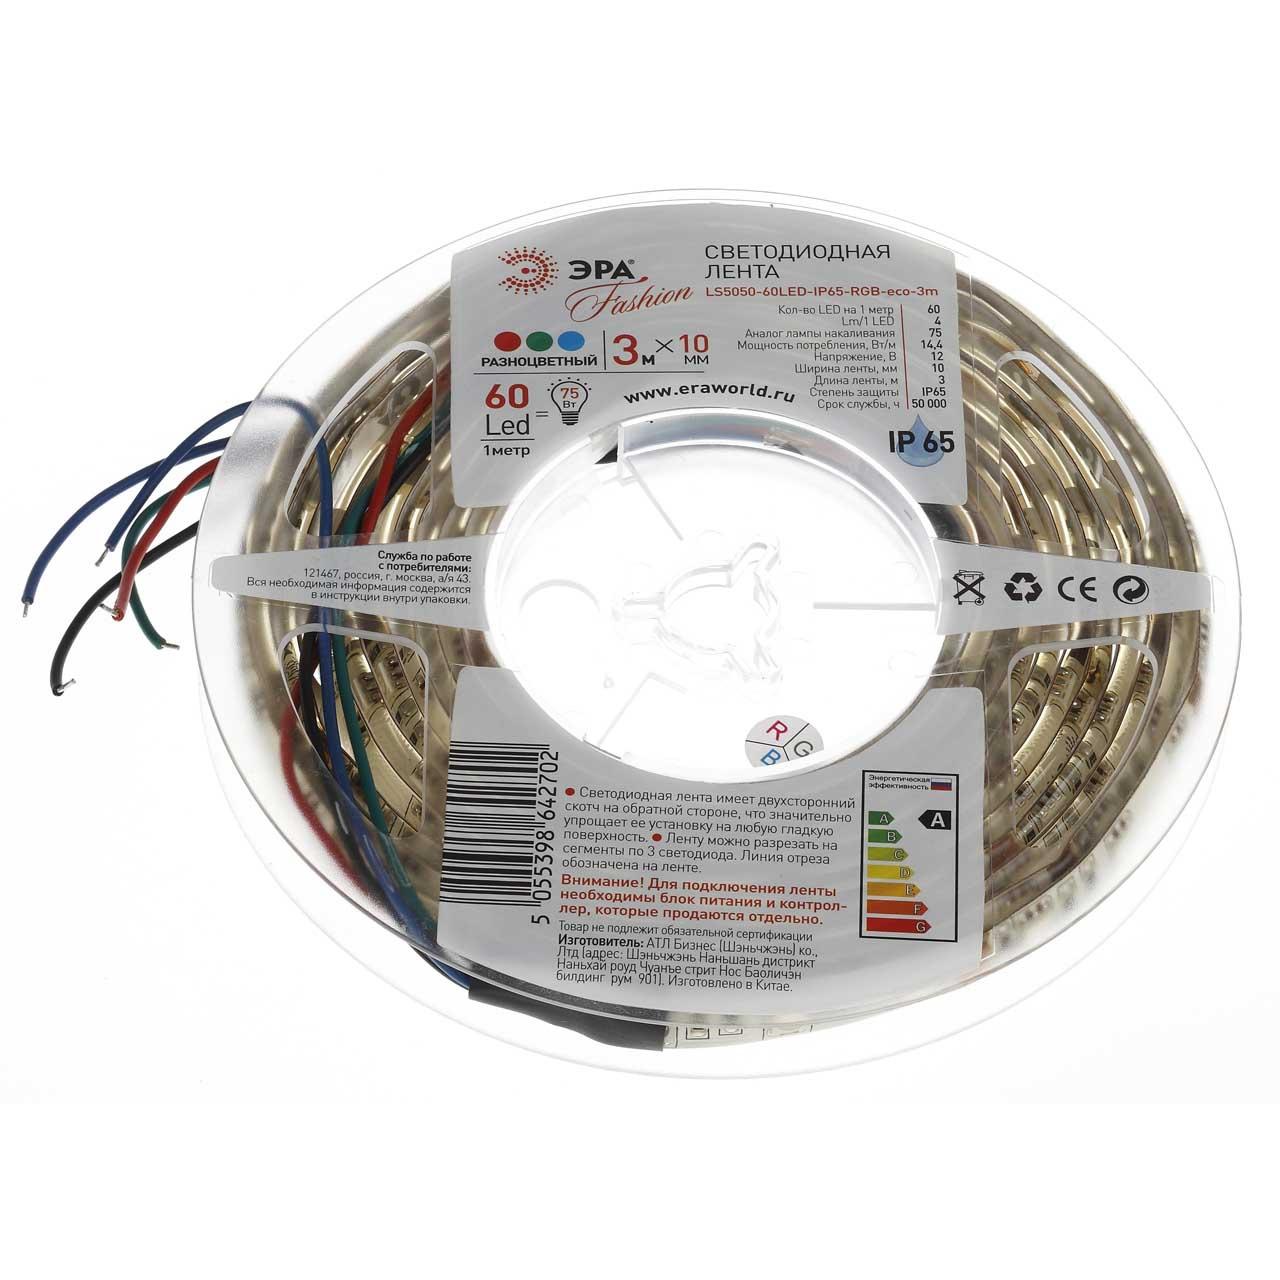 цена на Светодиодная влагозащищенная лента ЭРА 14,4W/m 60LED/m 5050SMD RGB 3M LS5050-60LED-IP65-RGB-eco-3m